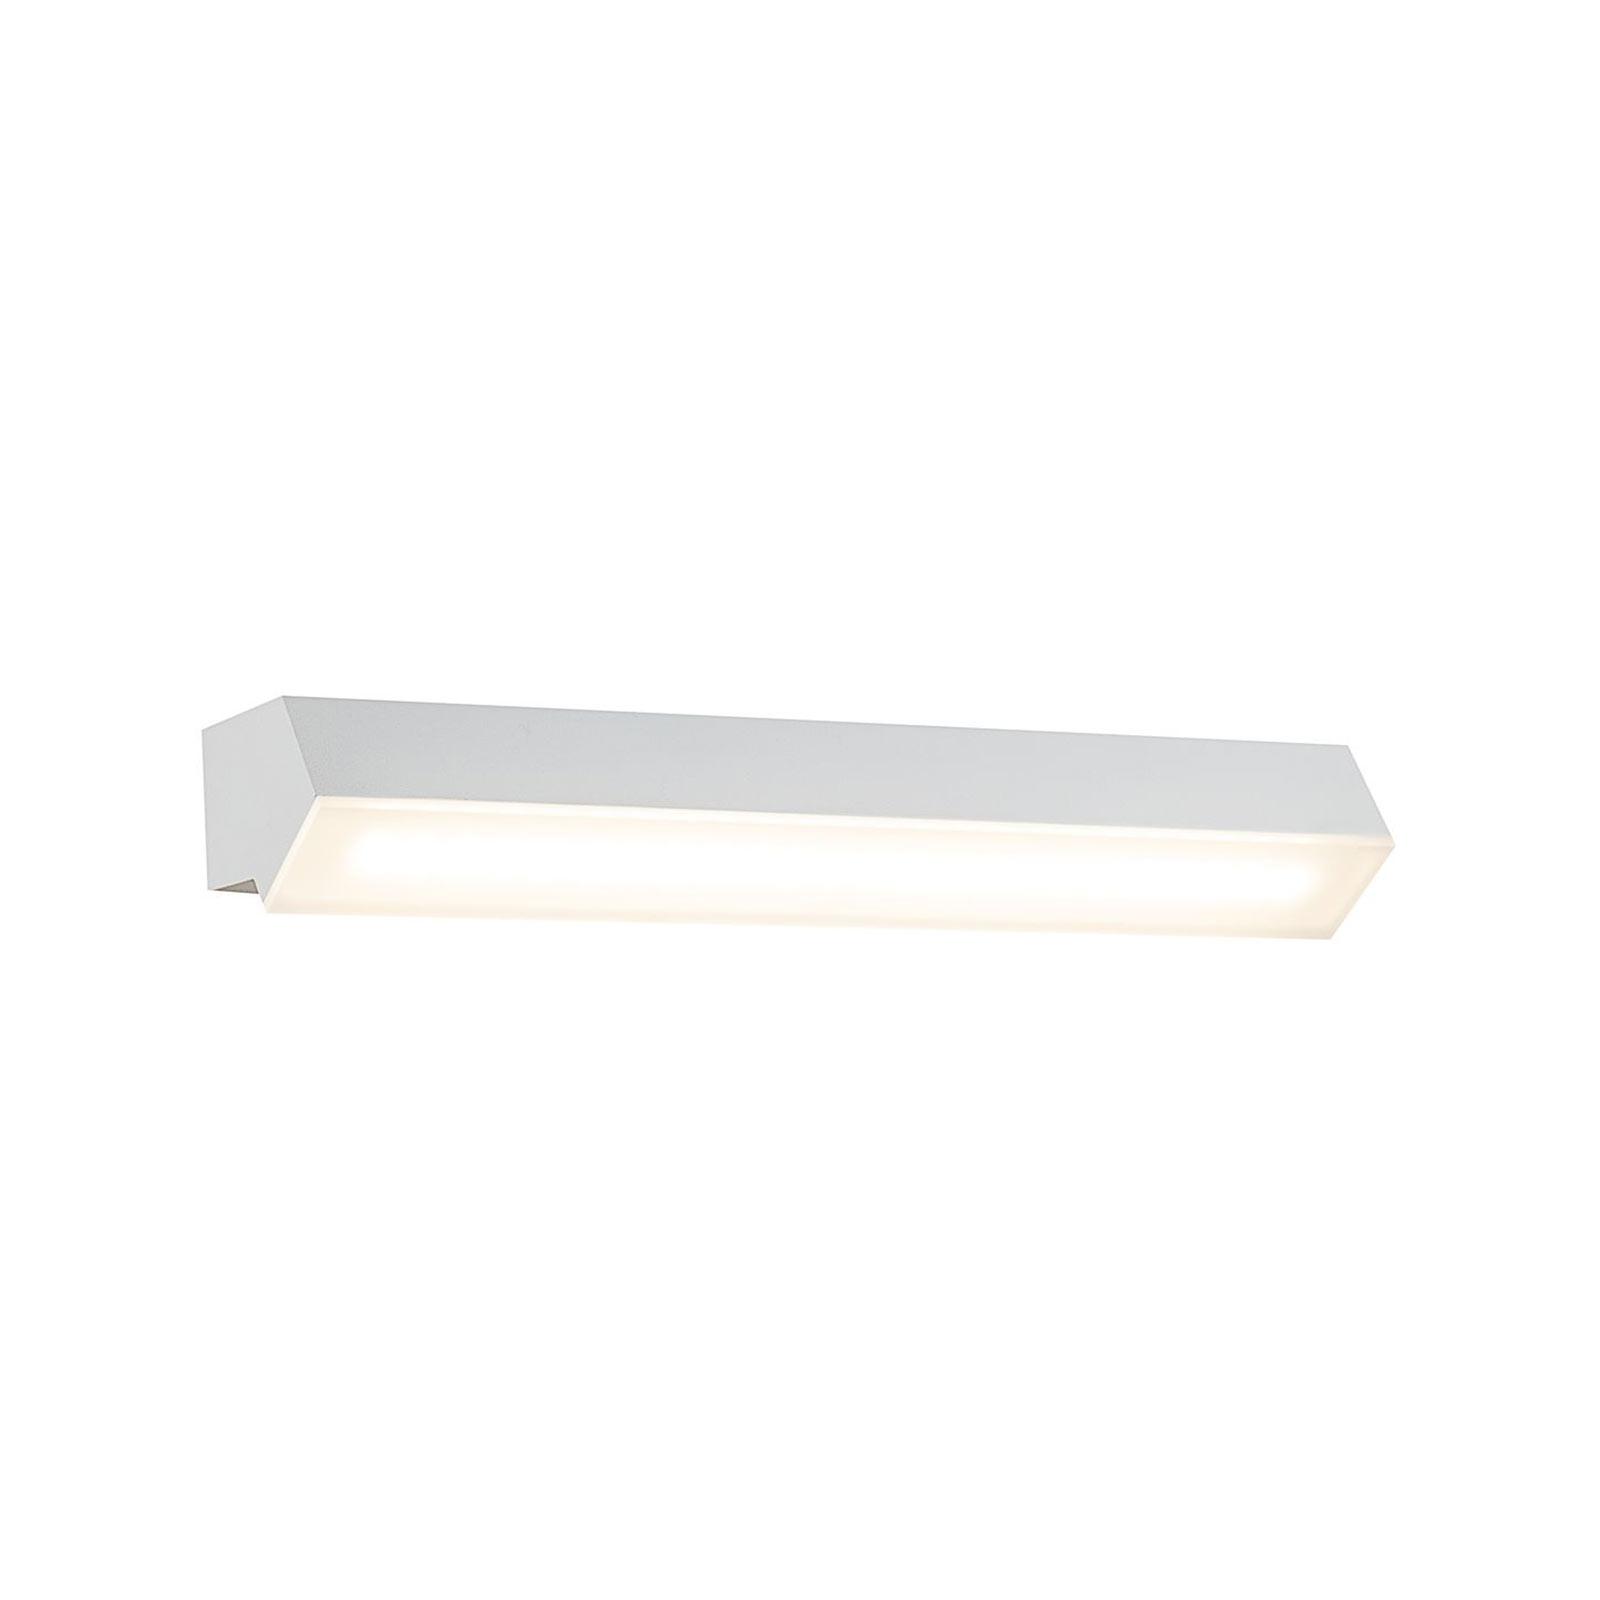 Applique LED Toni, largeur 37cm